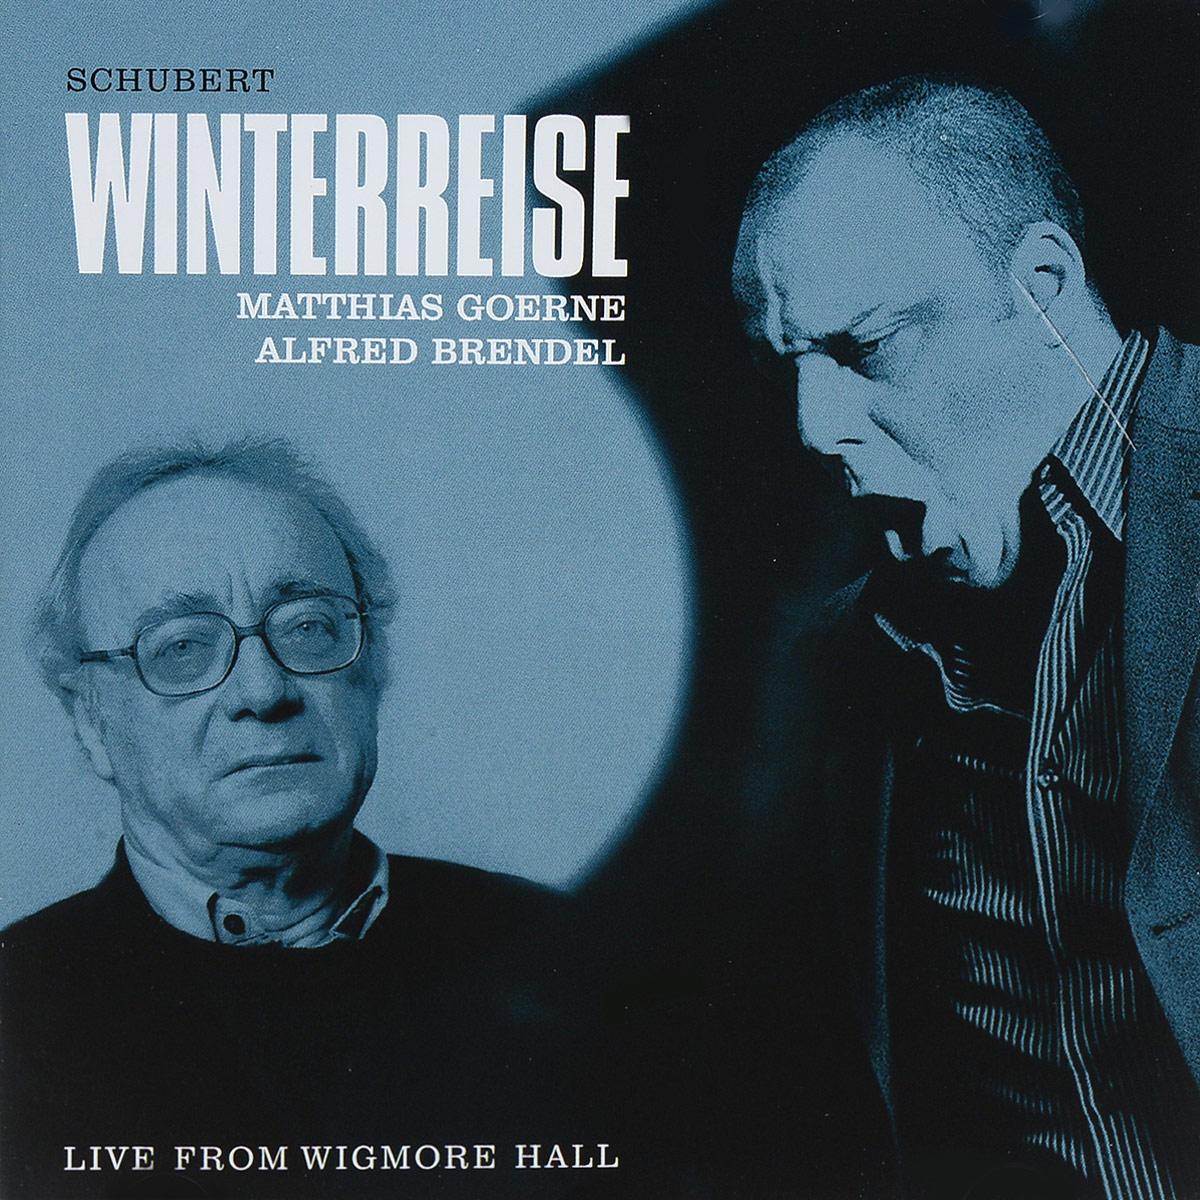 Schubert, Matthias Goerne, Alfred Brendel. Winterreise